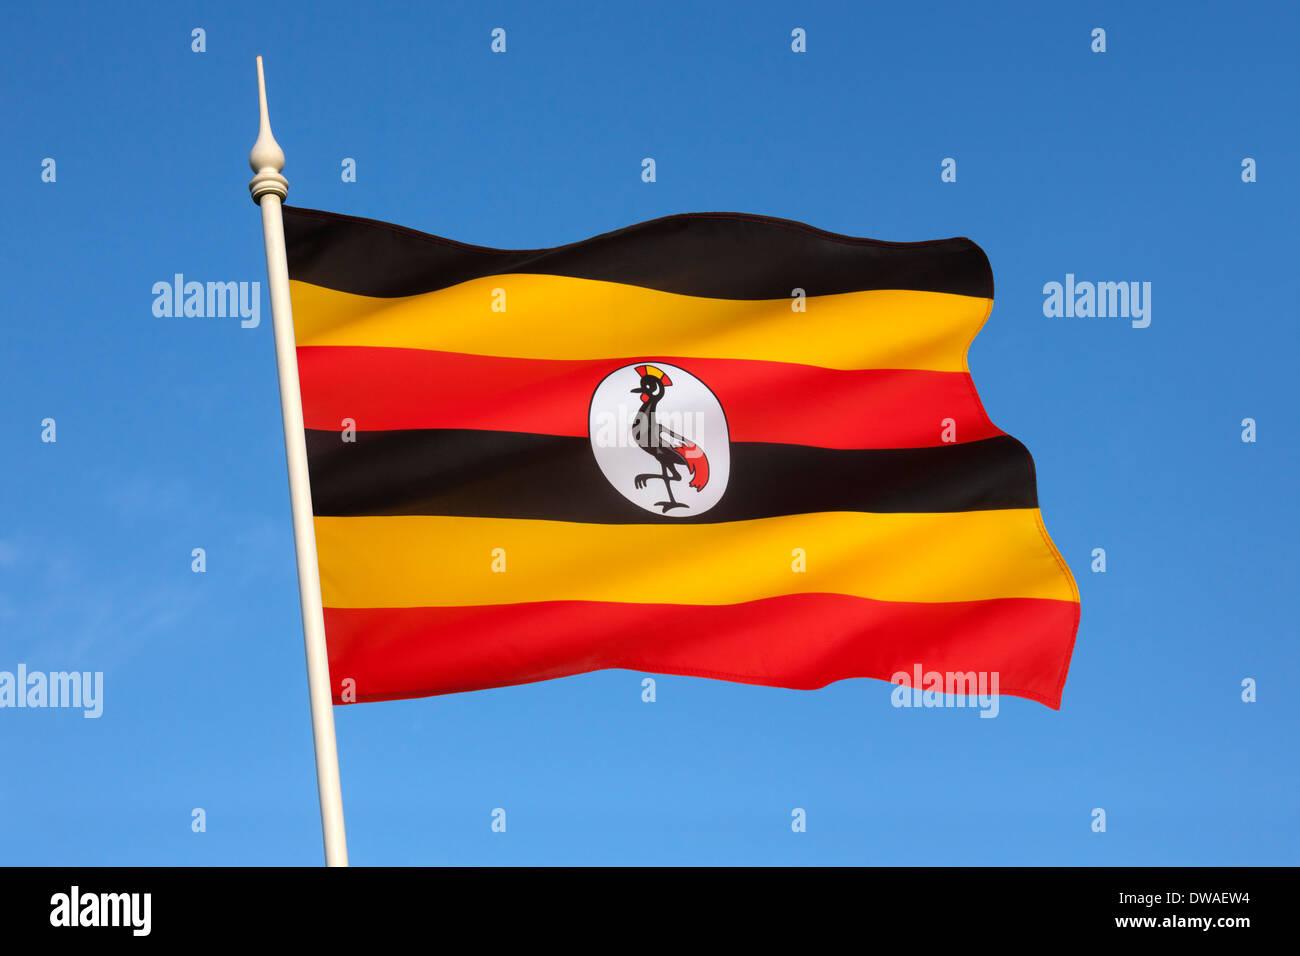 Bandera de Uganda Imagen De Stock